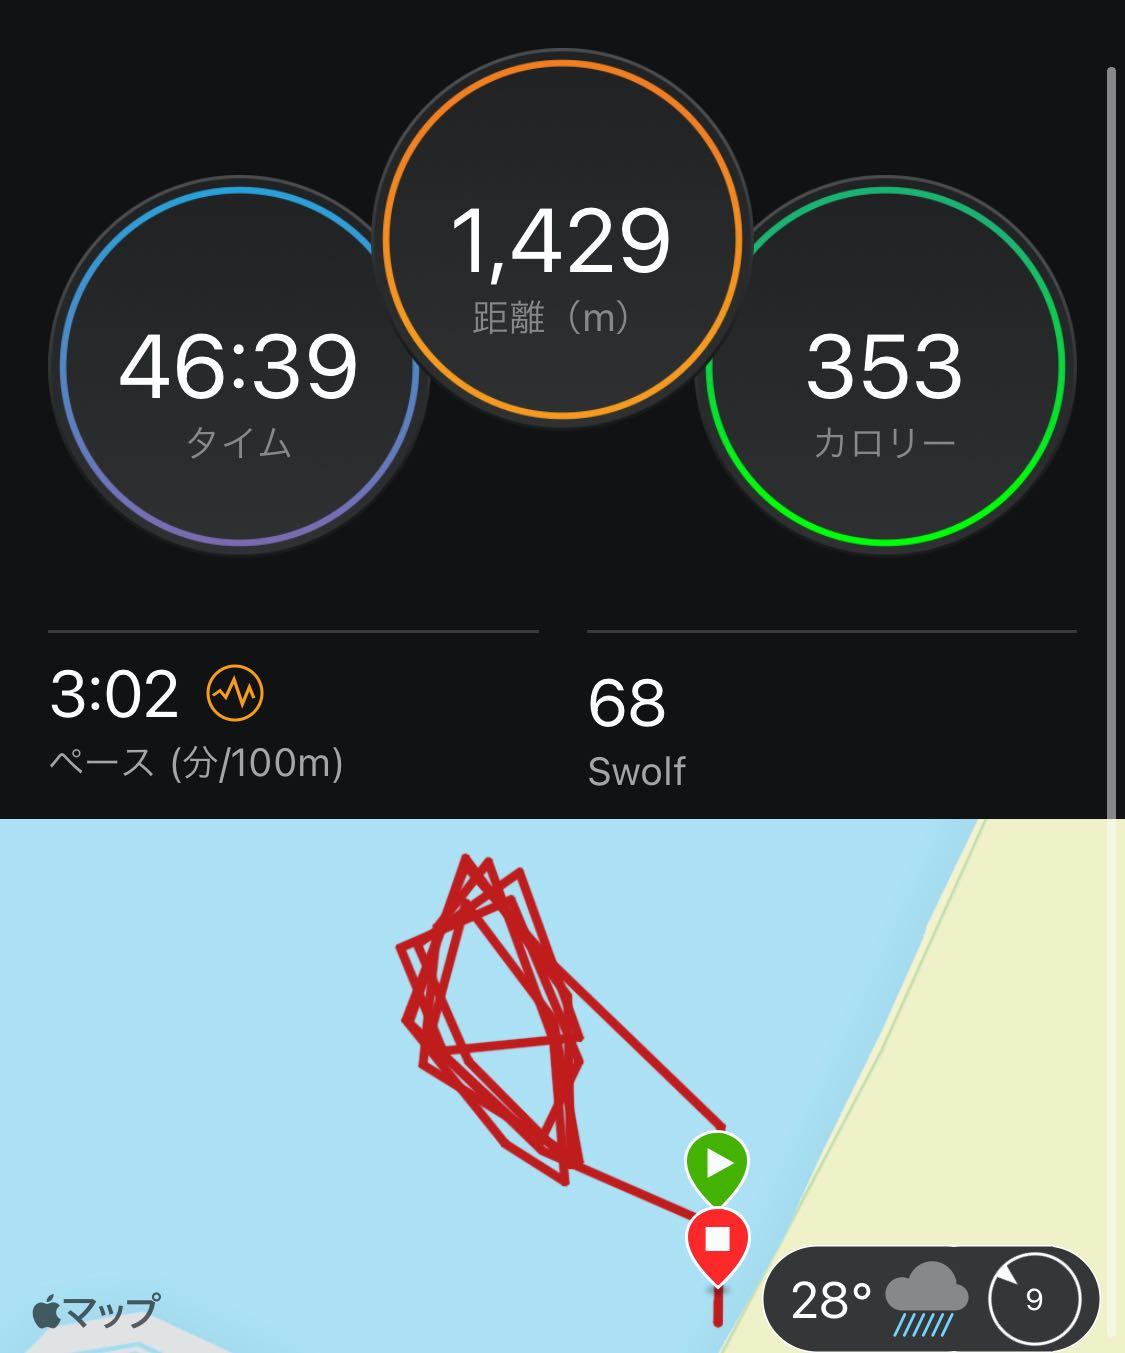 二色の浜 ランニングとOWS練習会 スイム 距離 タイム